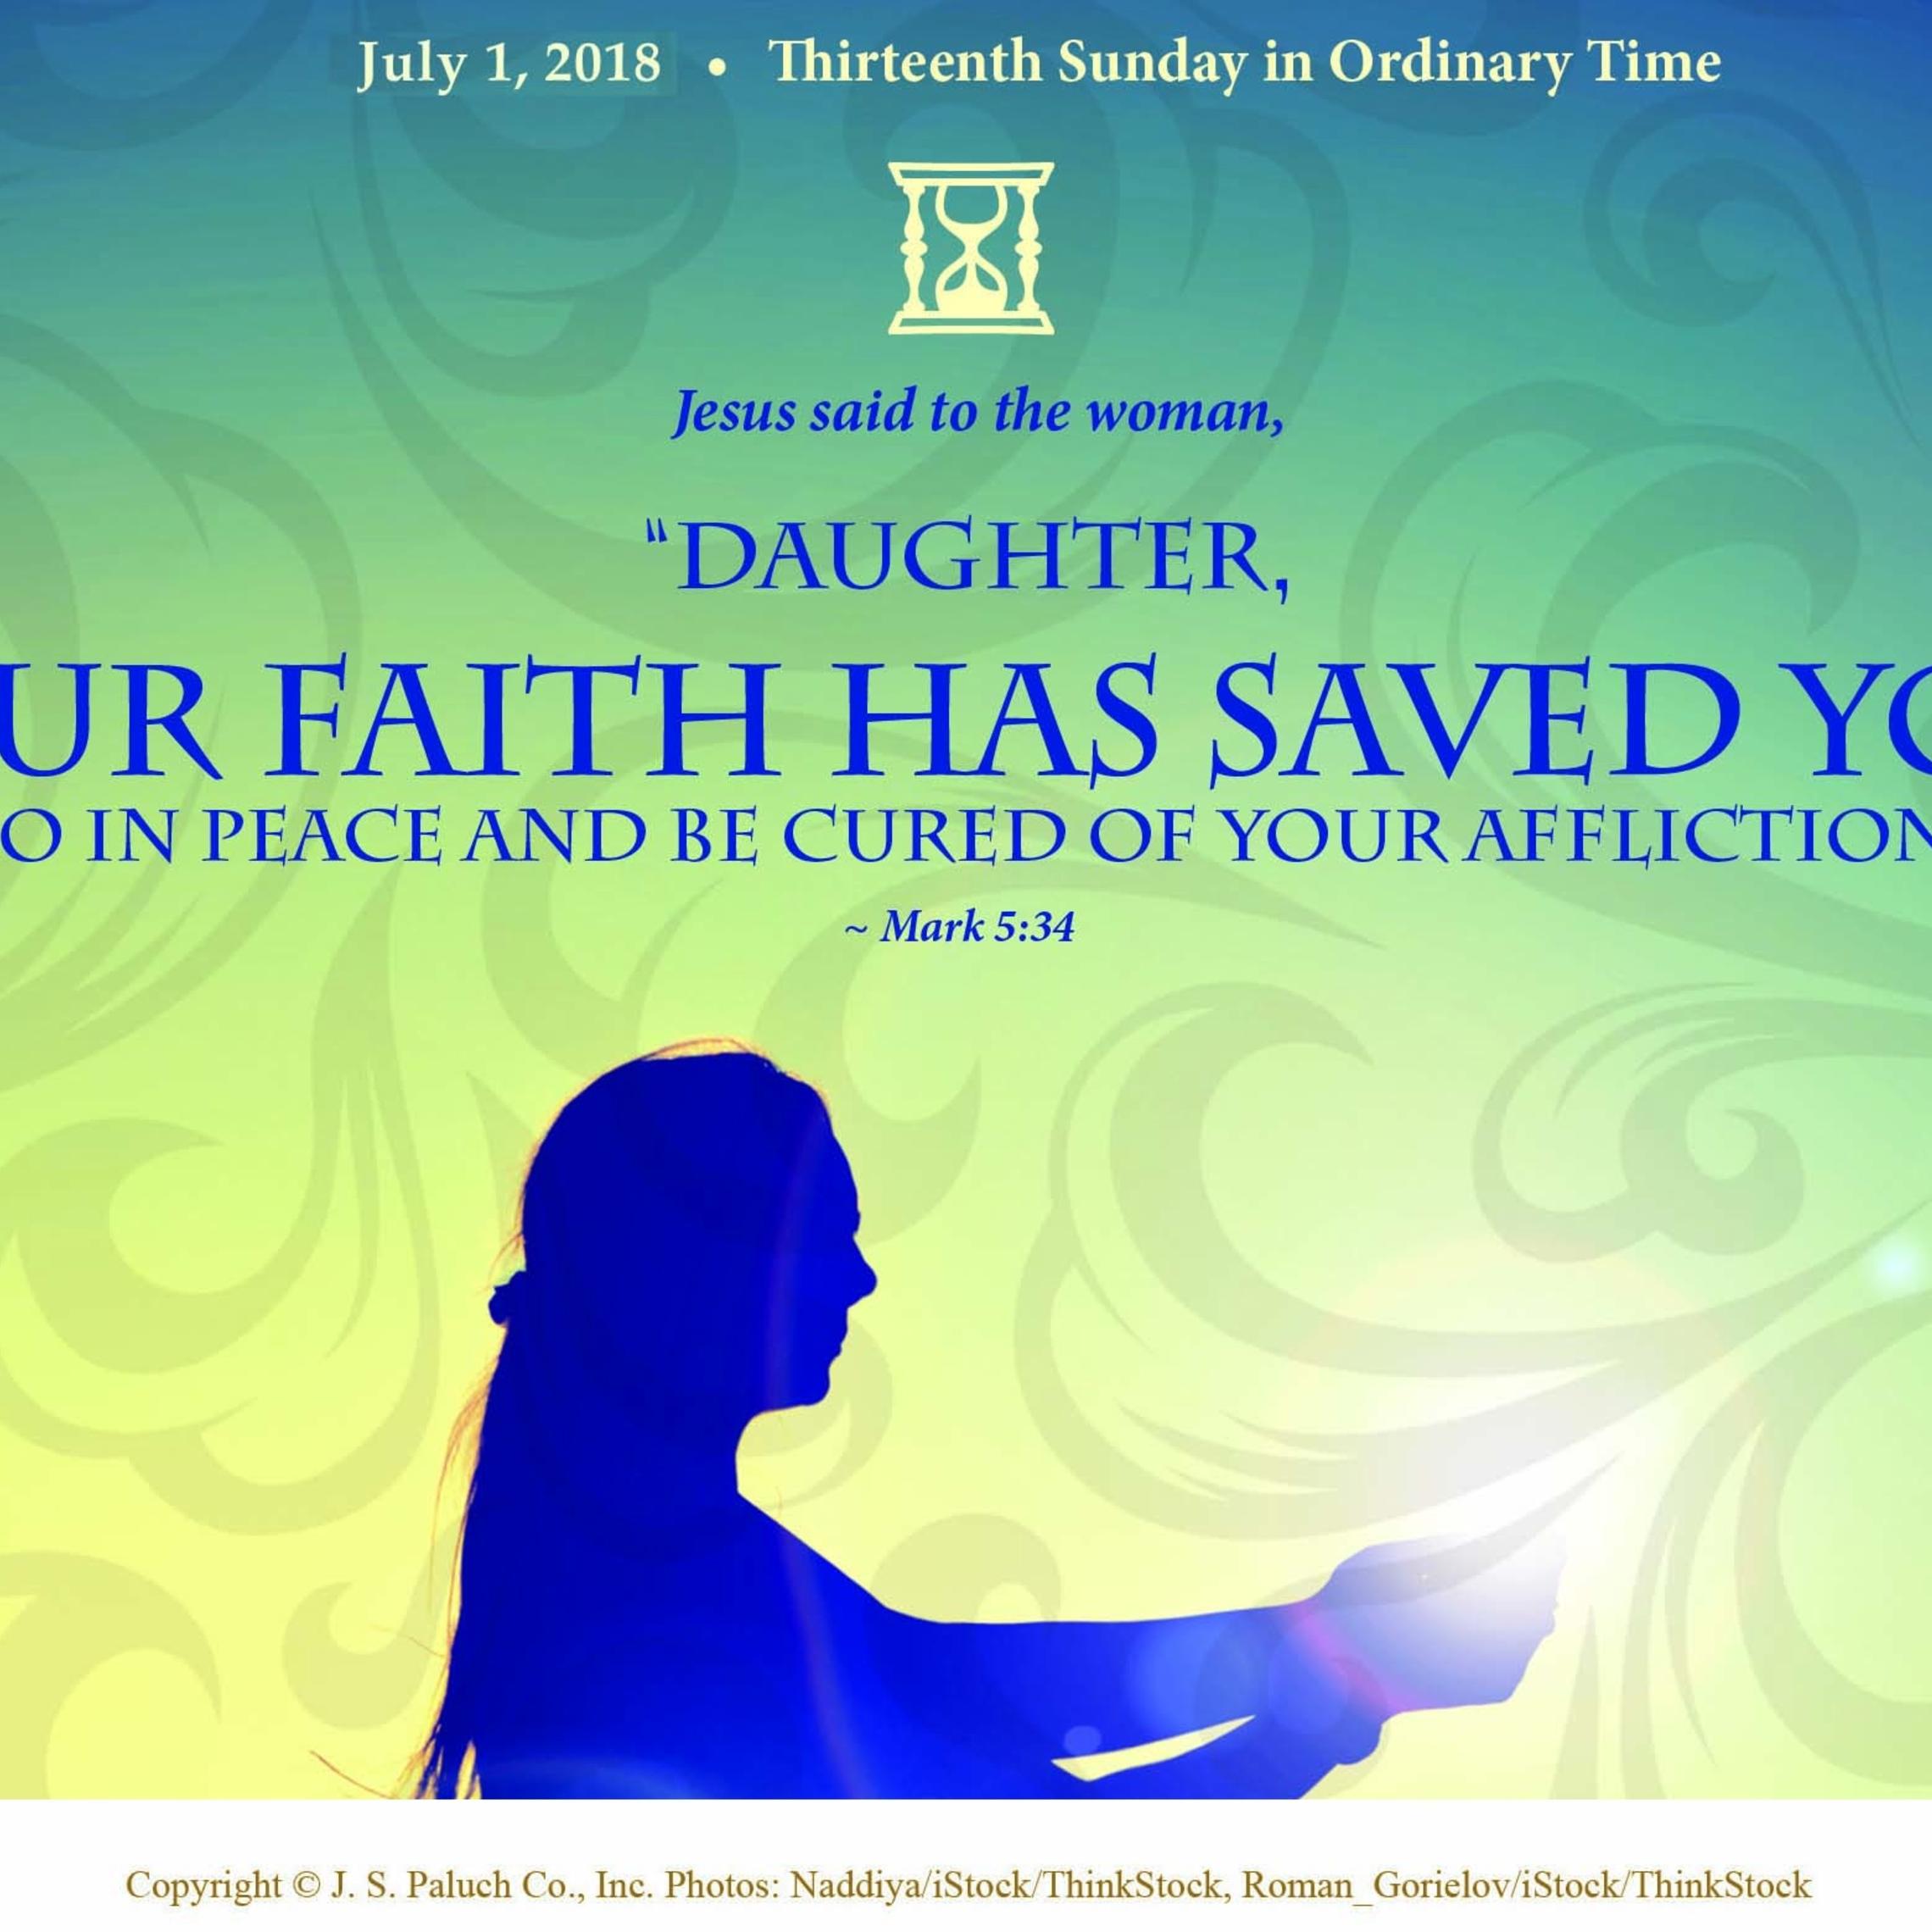 Your Faith Has Saved You